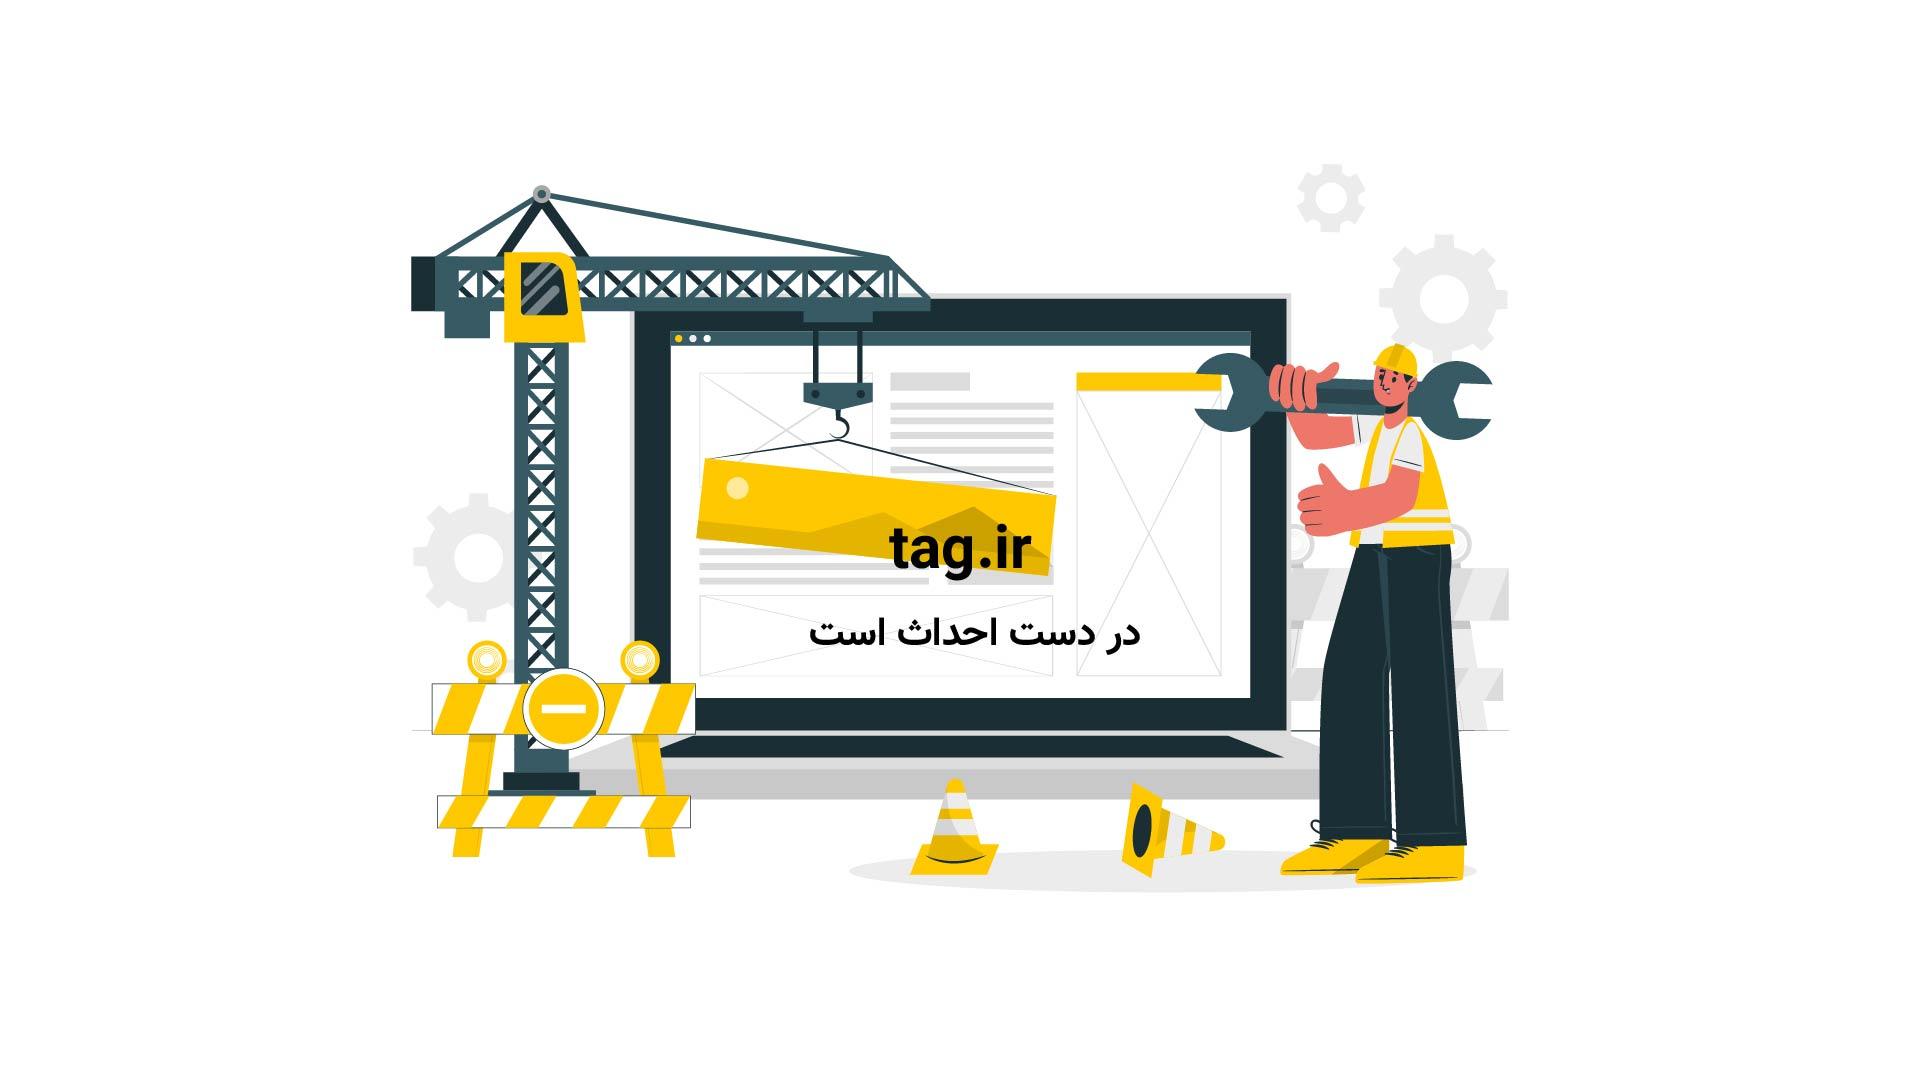 بازی بسکتبال لس آنجلس لیکرز ۱۰۷ – ۱۱۶ سن آنتونیو اسپرز | فیلم